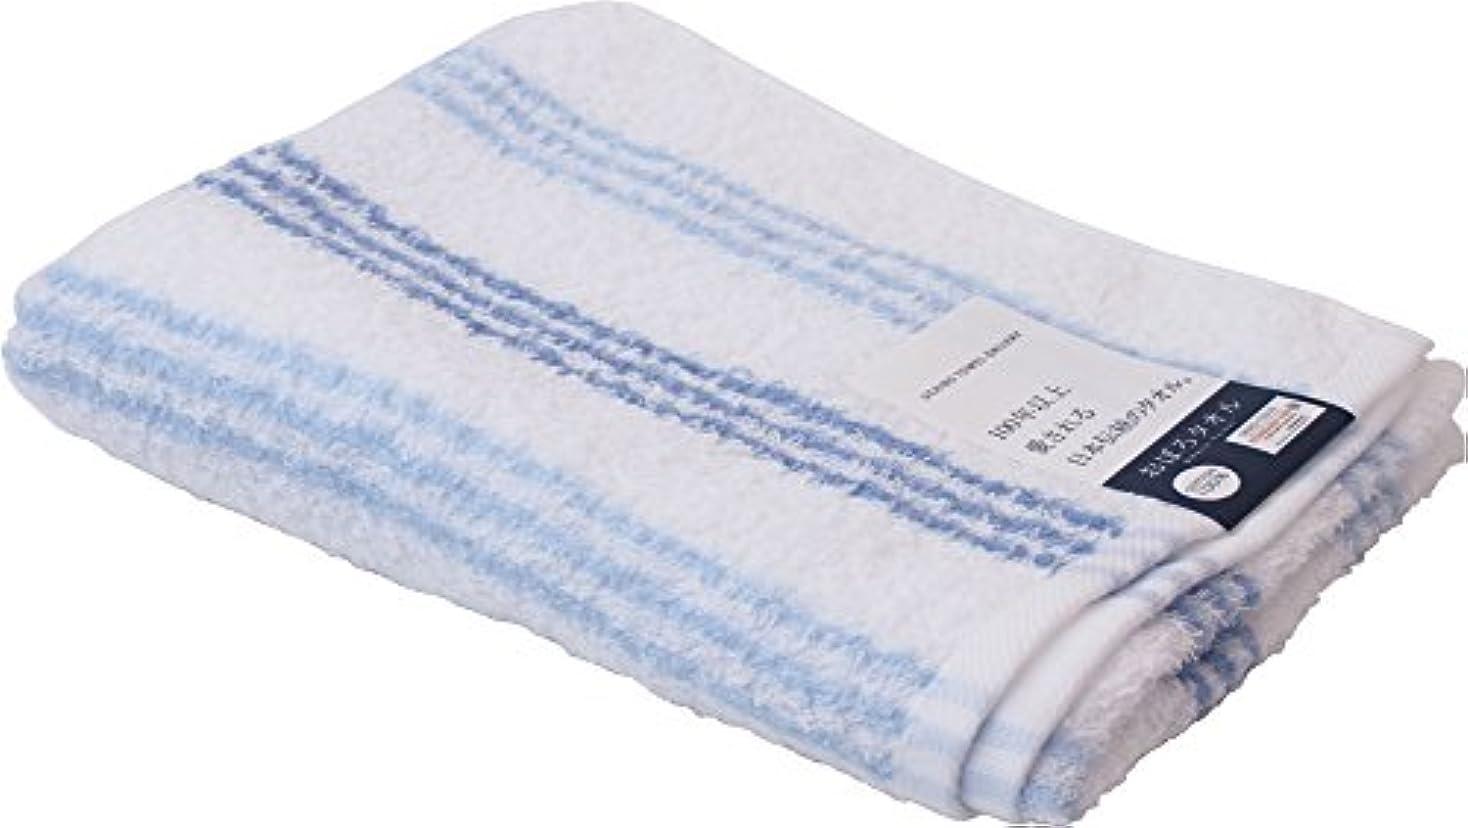 ランク快いライフルUCHINO 浴用タオル おぼろストライプC 薄く軽く乾きやすい34×90cm ブルー 8807Y619 B